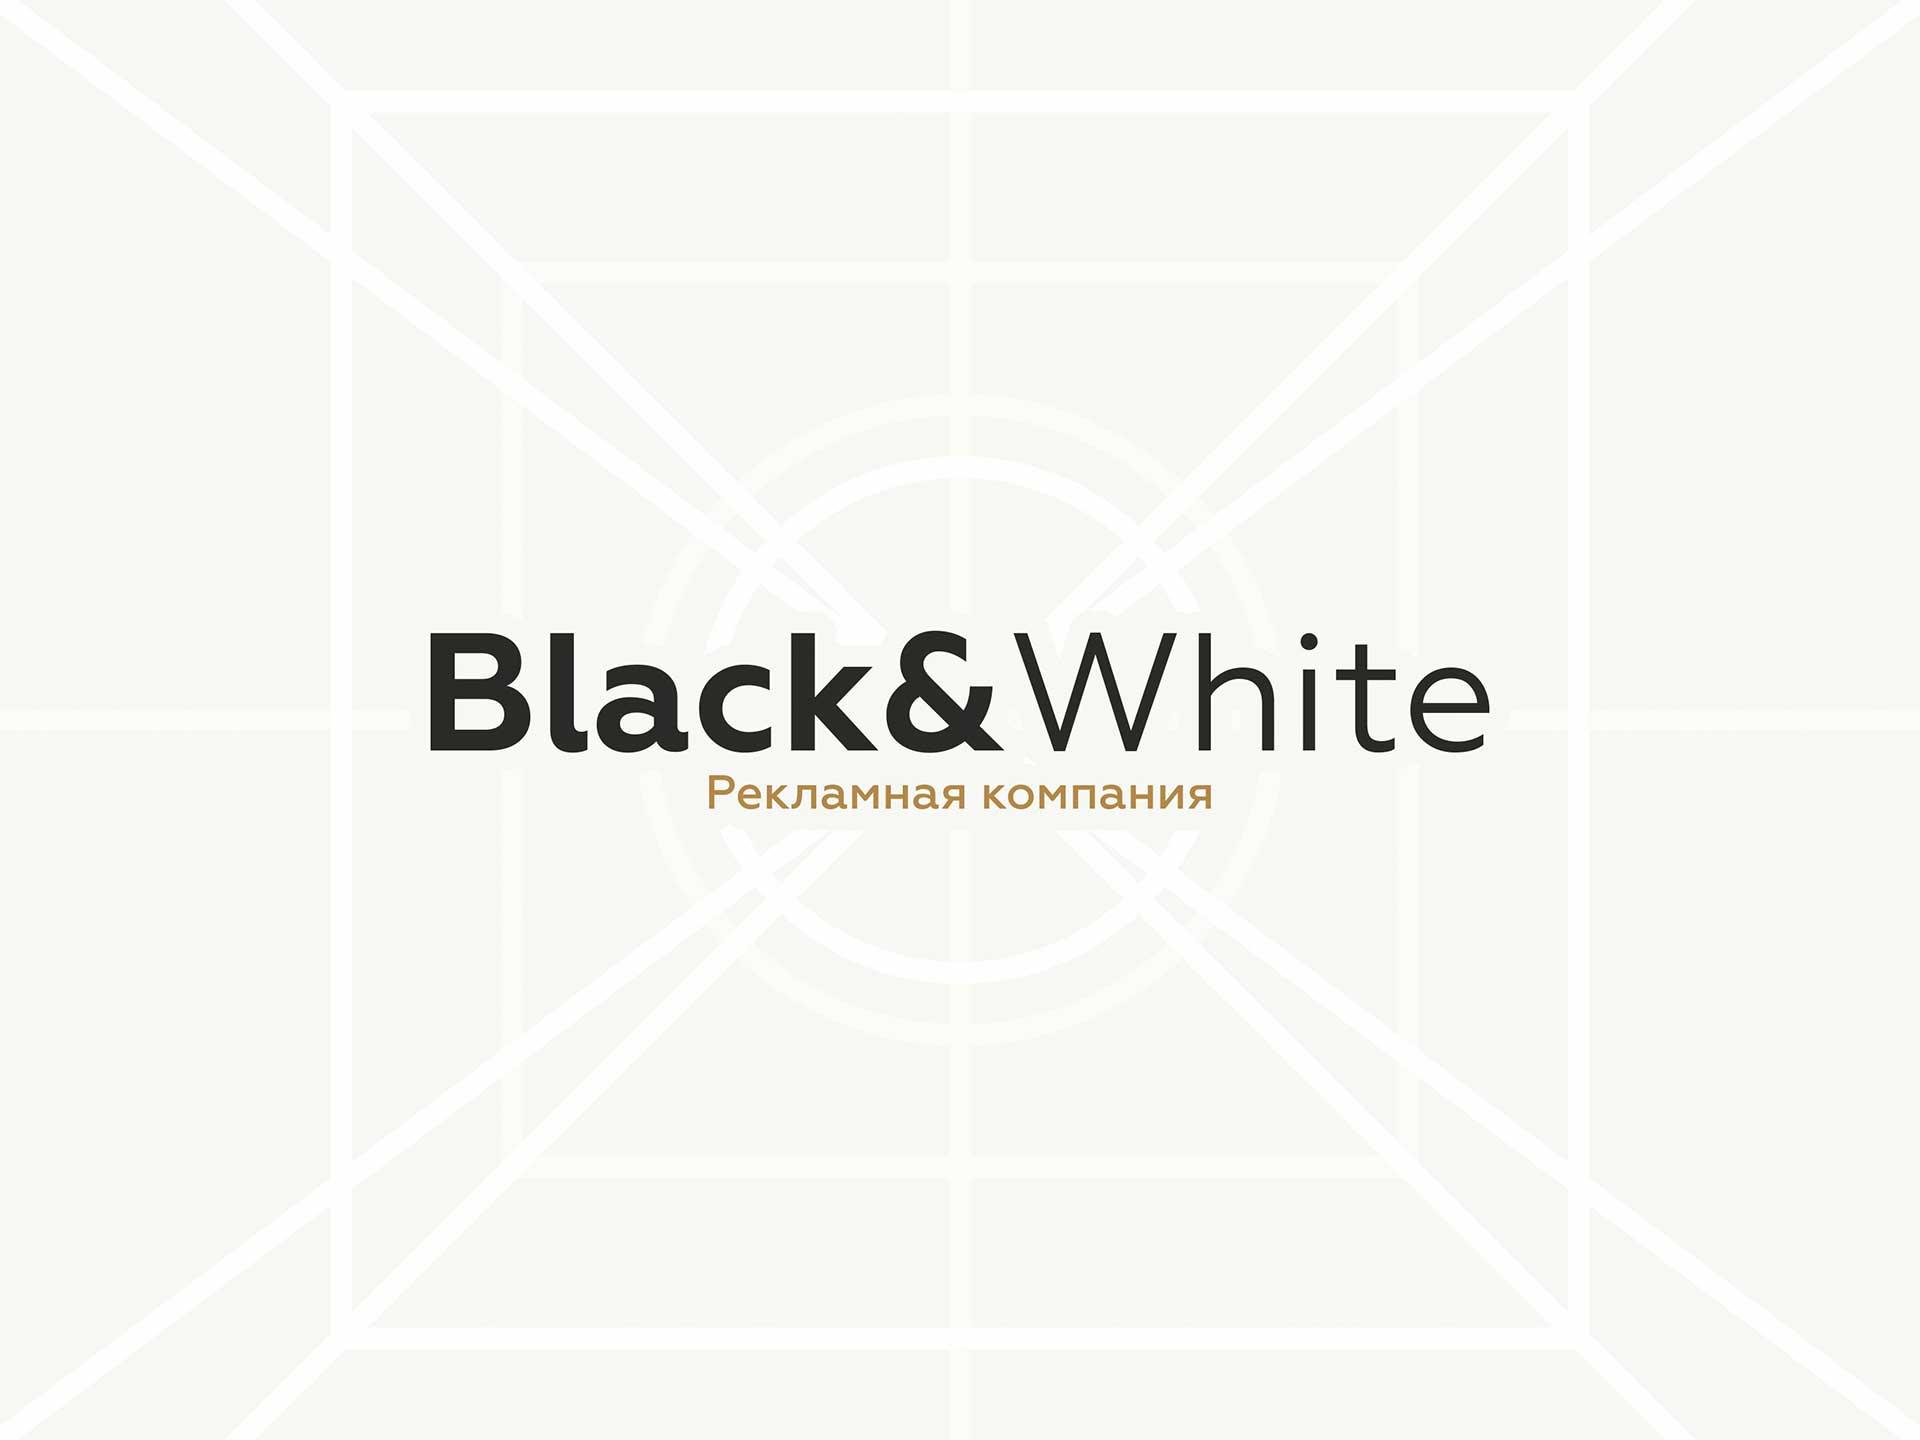 Black&White-2.jpg